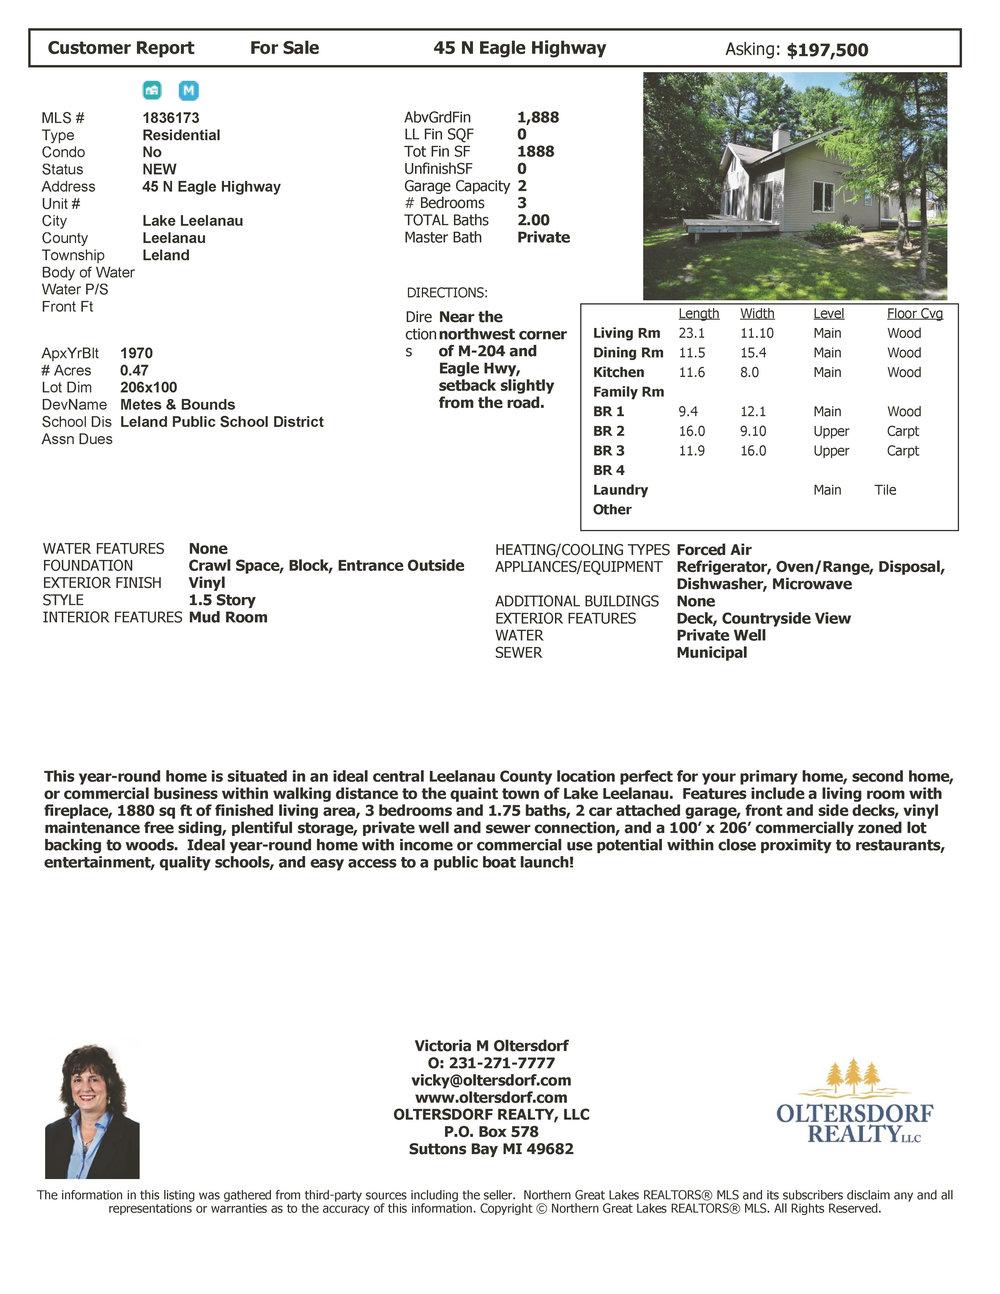 45 N Eagle Highway, Lake Leelanau, Real Estate For Sale by Oltersdorf Realty - Marketing Packet (6).jpg